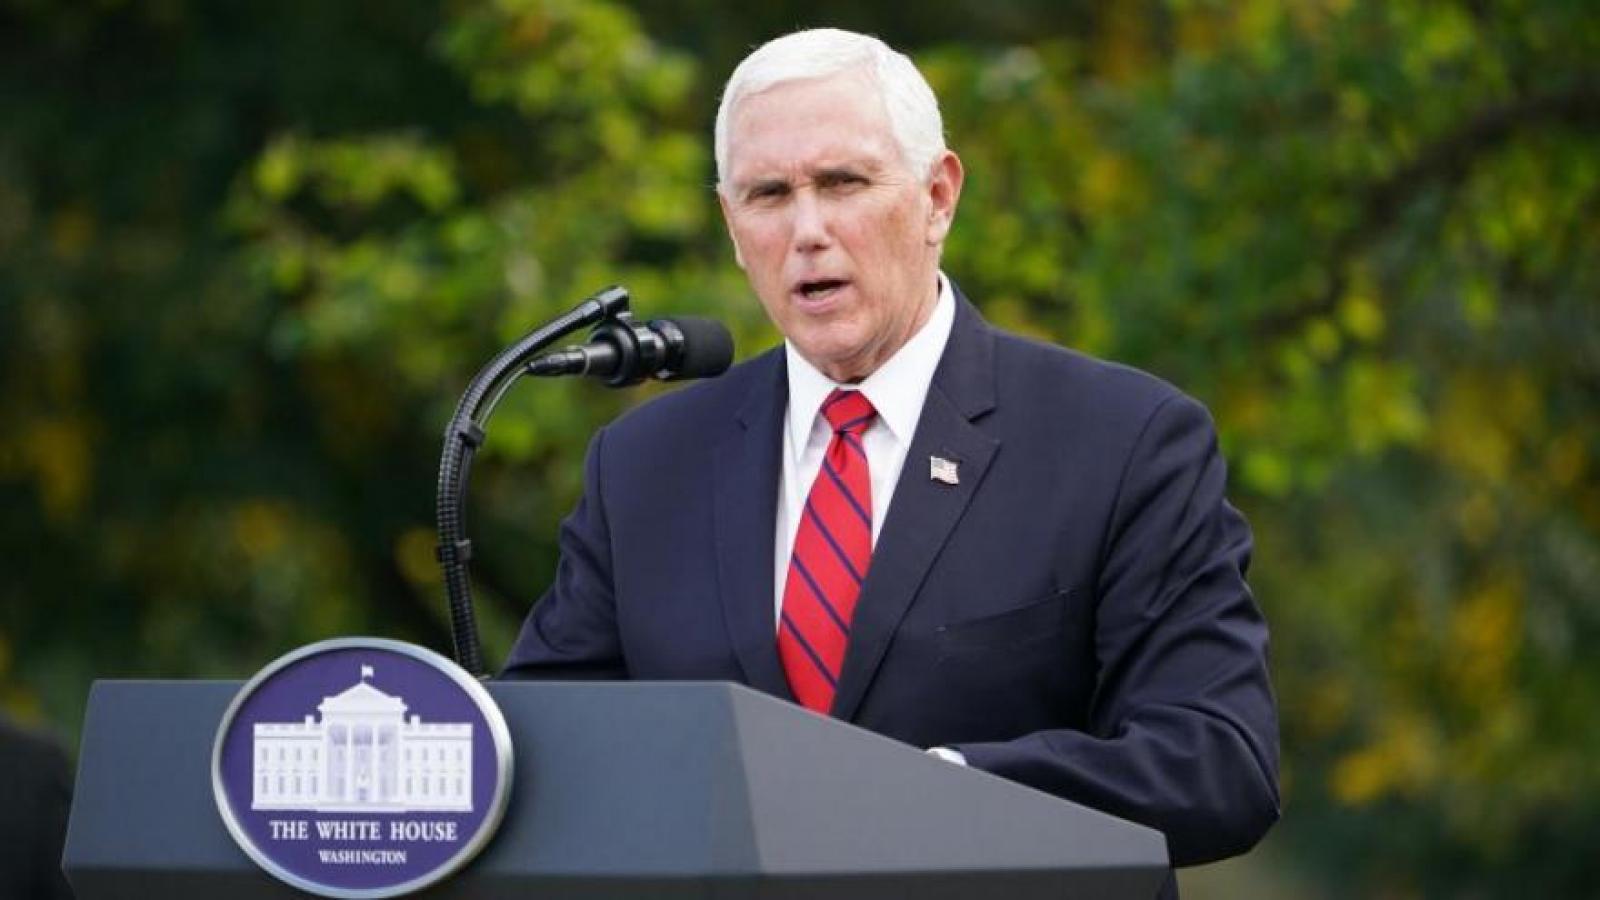 Cựu Phó Tổng thống Pence từ chối dự hội nghị có ông Trump tham dự